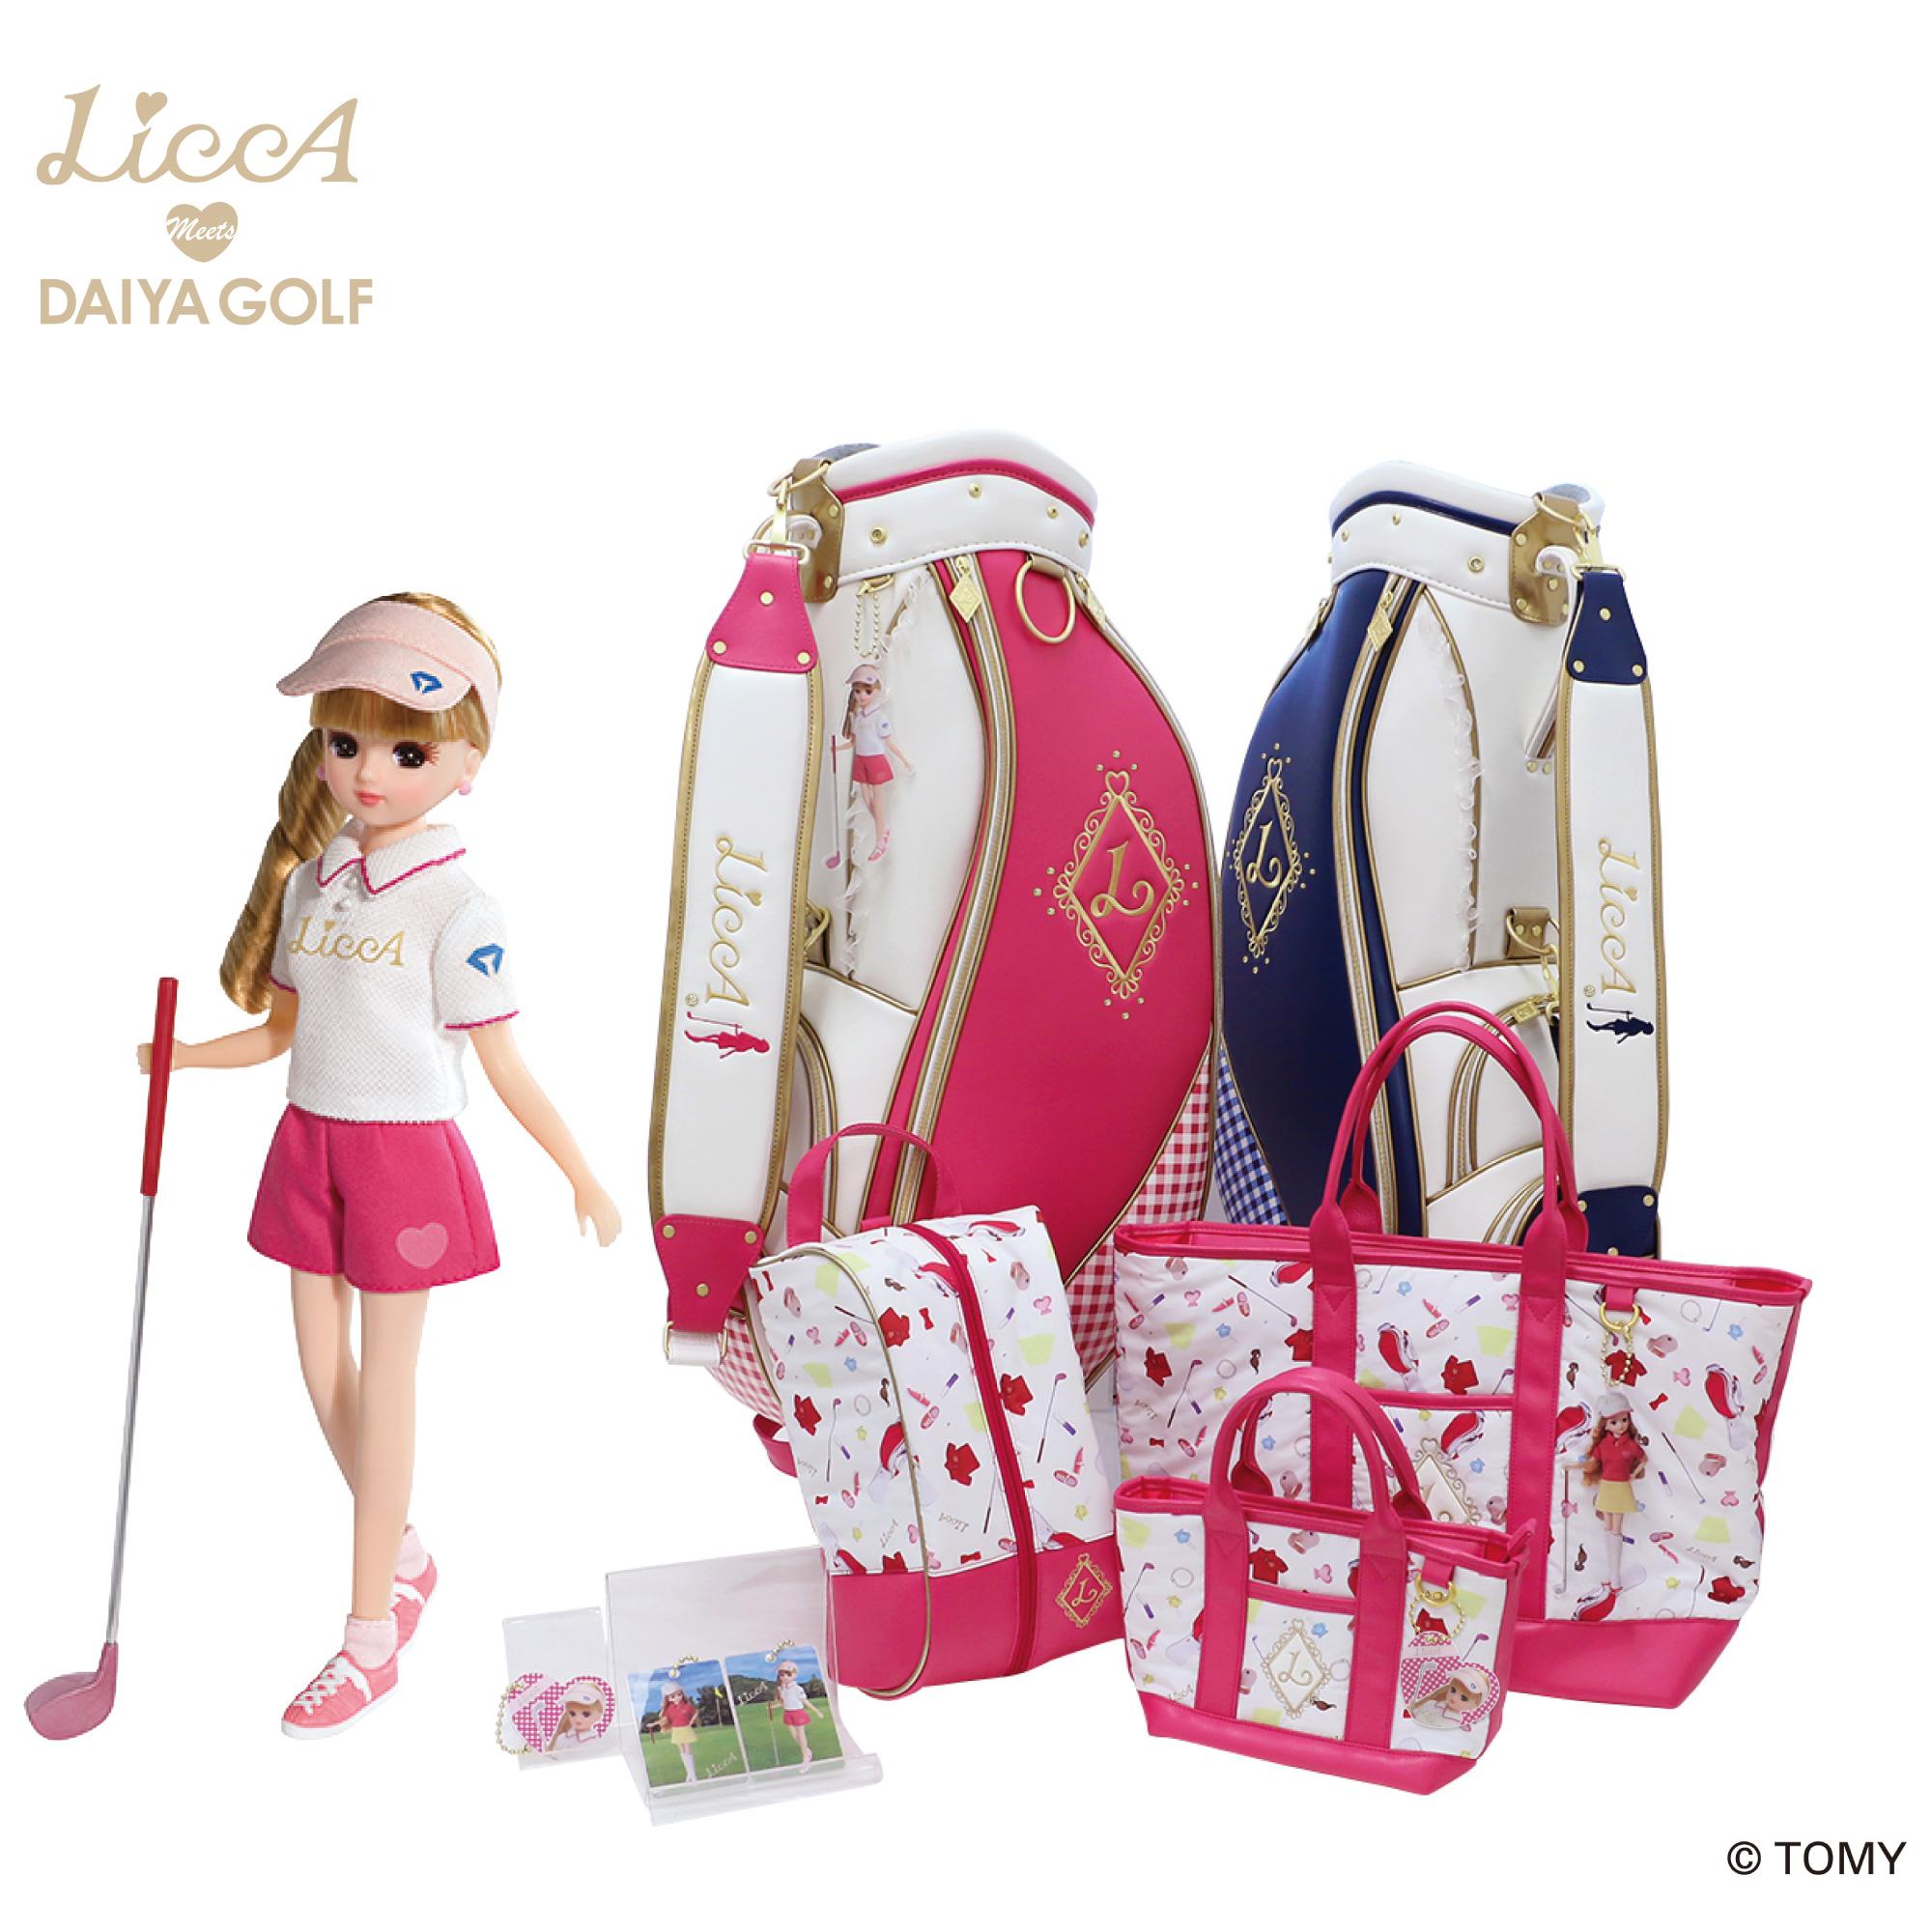 【ニュースリリース】「LiccA」とダイヤゴルフが女性ゴルファーに向けたコラボレーション「LiccA」ブランドのゴルフグッズ全13商品を発売